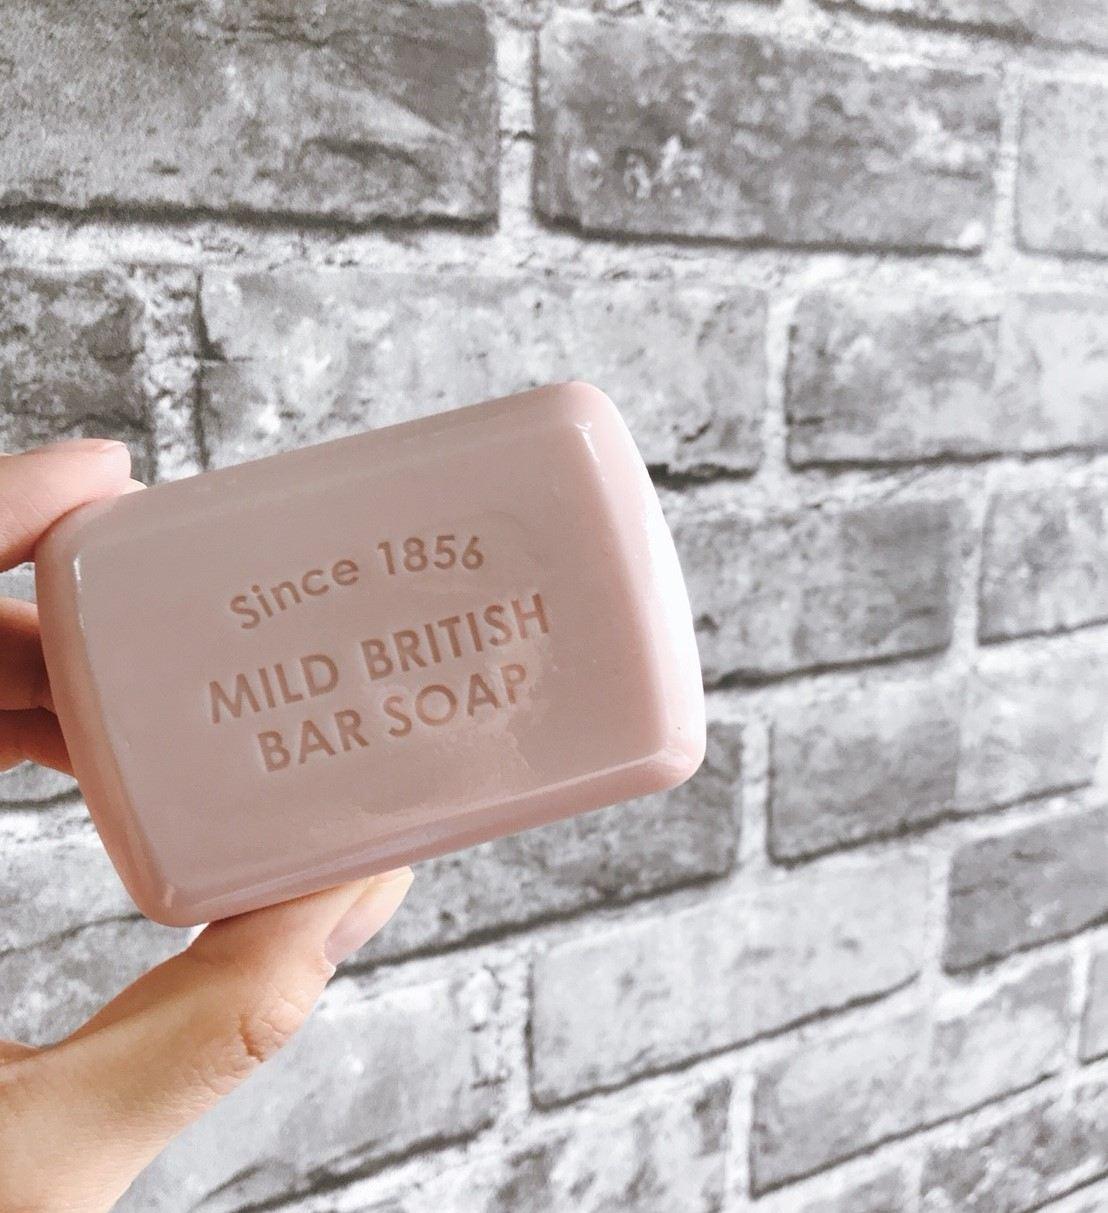 膚淺的女神覺得這款皂還有一個很大的優點:就是不管是包裝還是皂體都豪~可愛呀!可愛到女神雖然是混和肌但卻想包色收藏XD 如果是平常就有習慣有用皂清潔的習慣,或是覺得洗面乳的成分太刺激想試試看比較溫和的清潔產品,女神真心覺得A'PIEU的這款「純淨溫和英國清潔皂」真的會是一個很不錯的選擇!